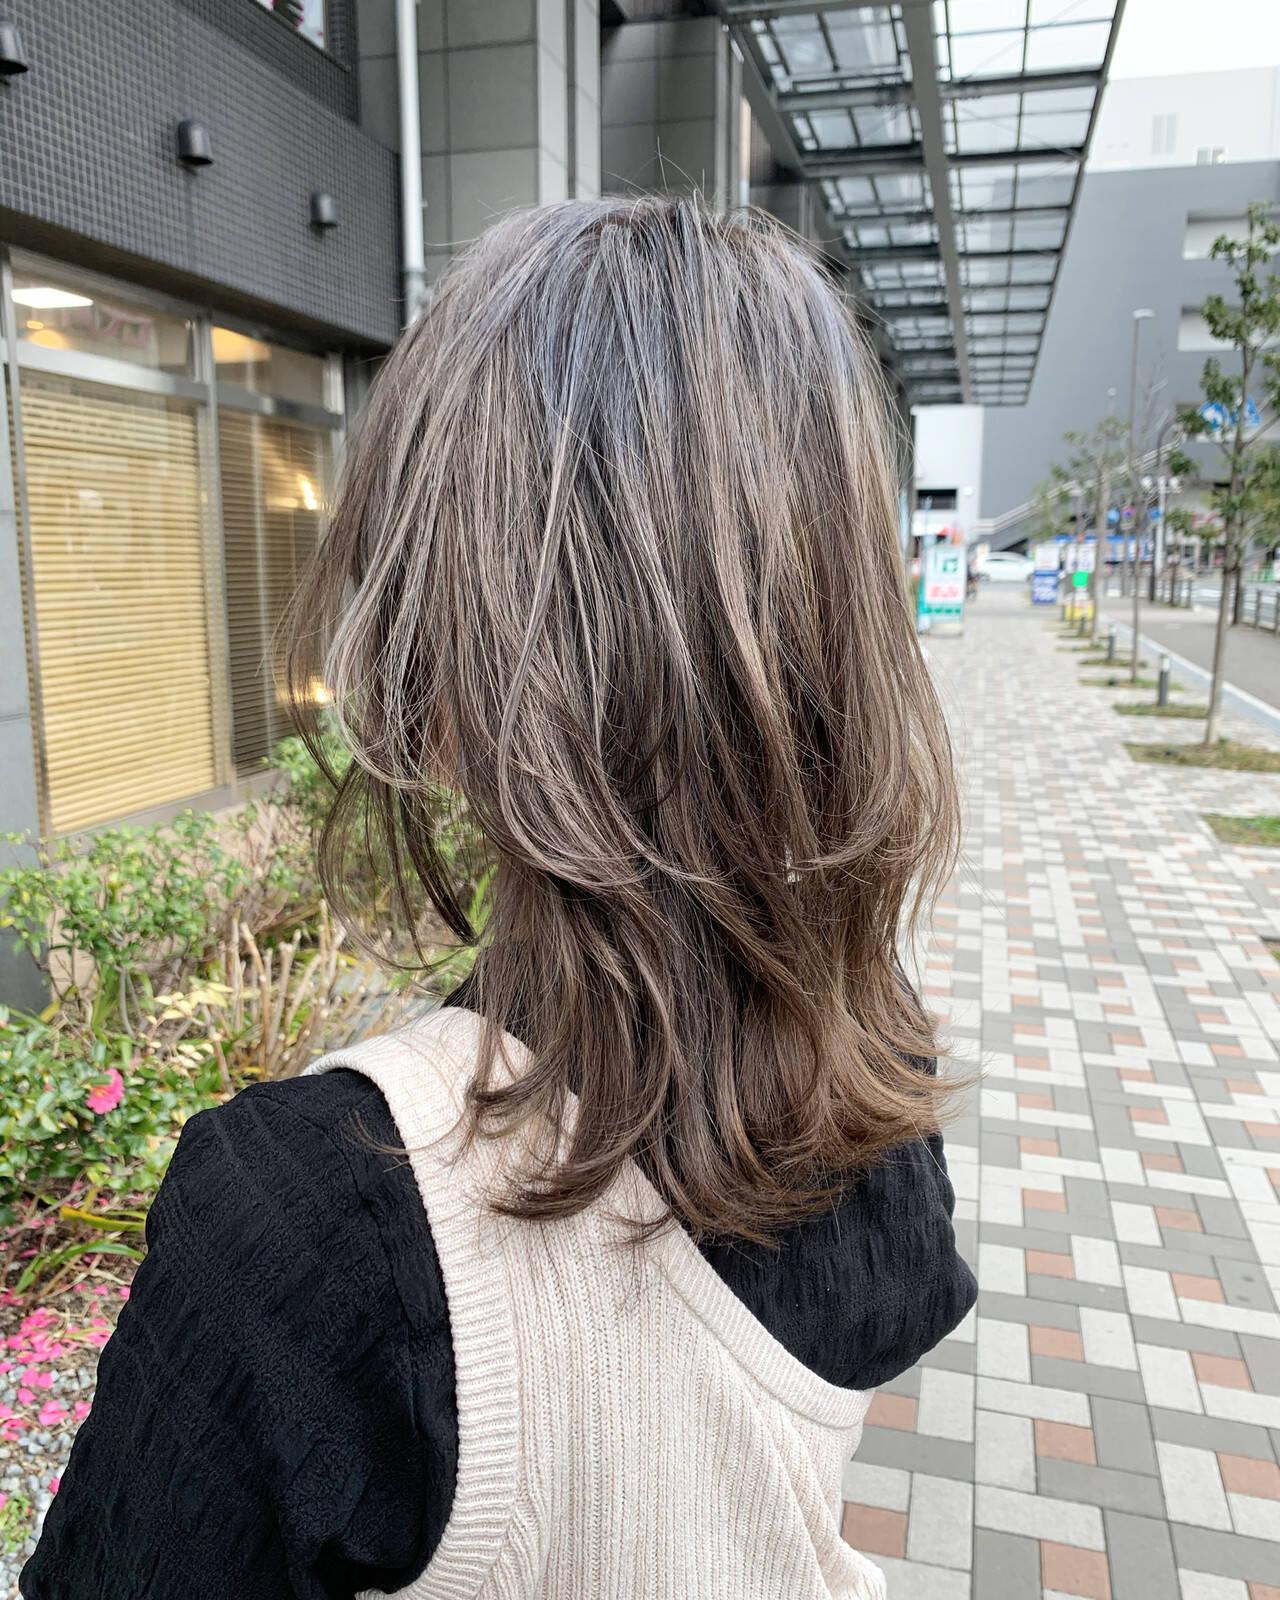 レイヤーヘアー レイヤーカット ストリート ヘアカラーヘアスタイルや髪型の写真・画像